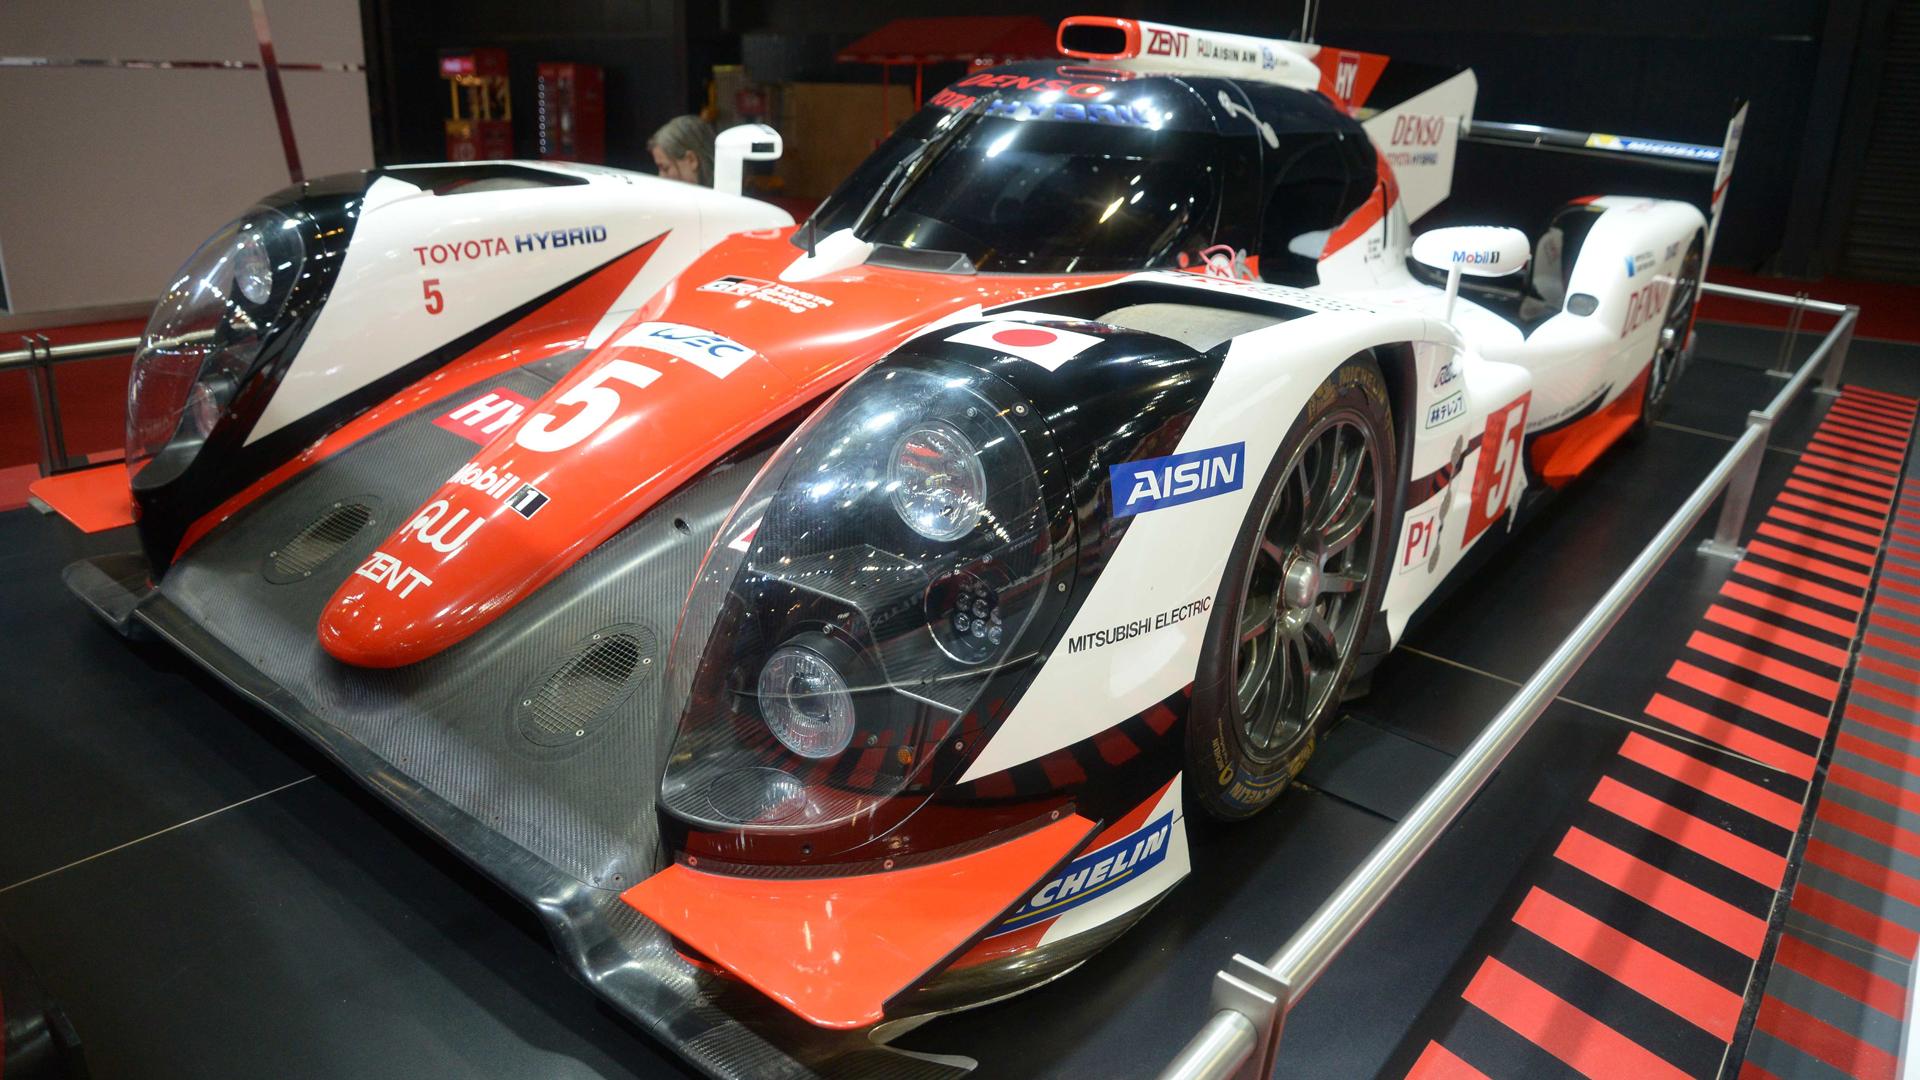 El Hybrid con el que Pechito López cumplió su sueño de correr en las 24 horas de Le Mans (Enrique Abatte)